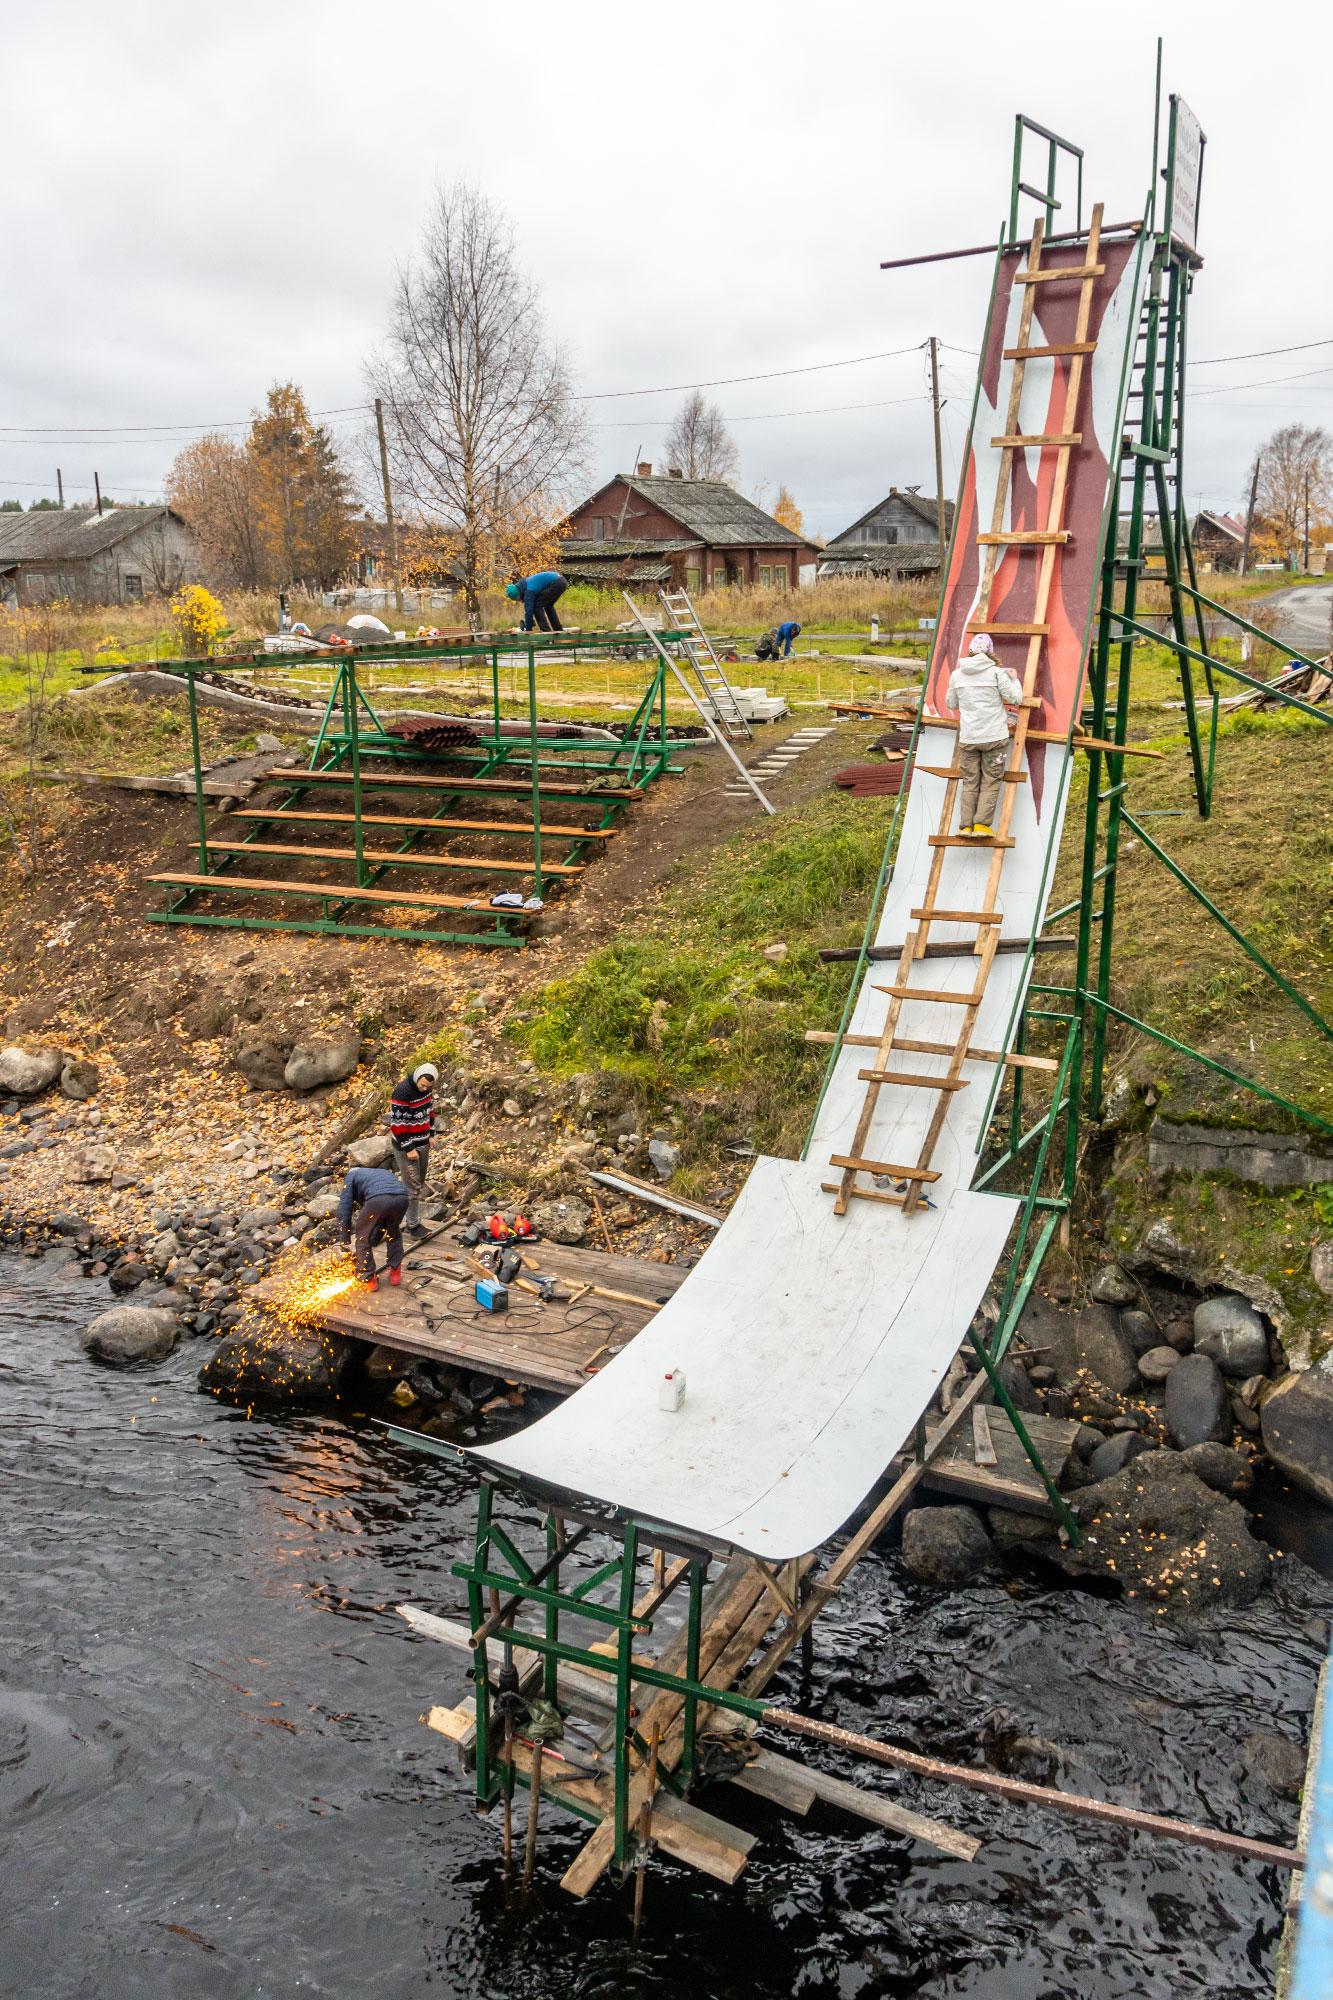 Субботник в Тивдии - работы по благоустройству спортивных построек для соревнований по фристайлу на бурной воде